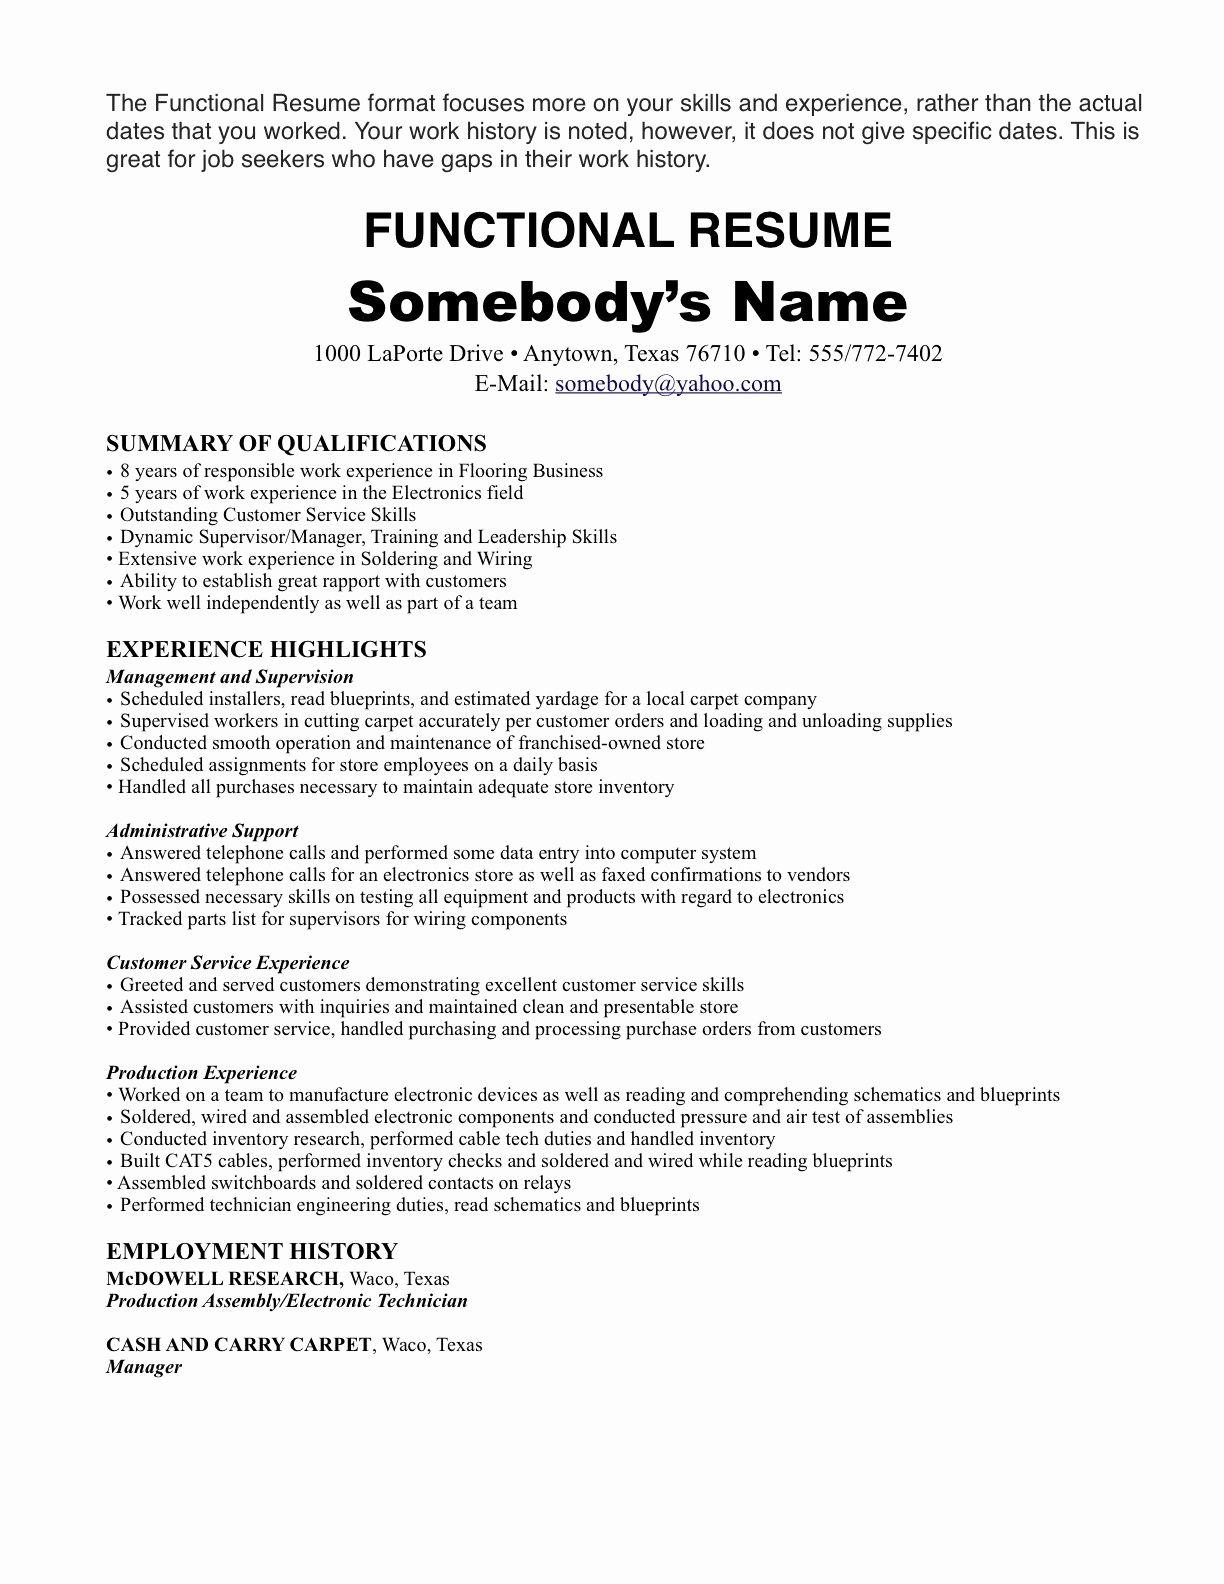 Resume Format Not Chronological | Resume Format | Pinterest | Resume ...